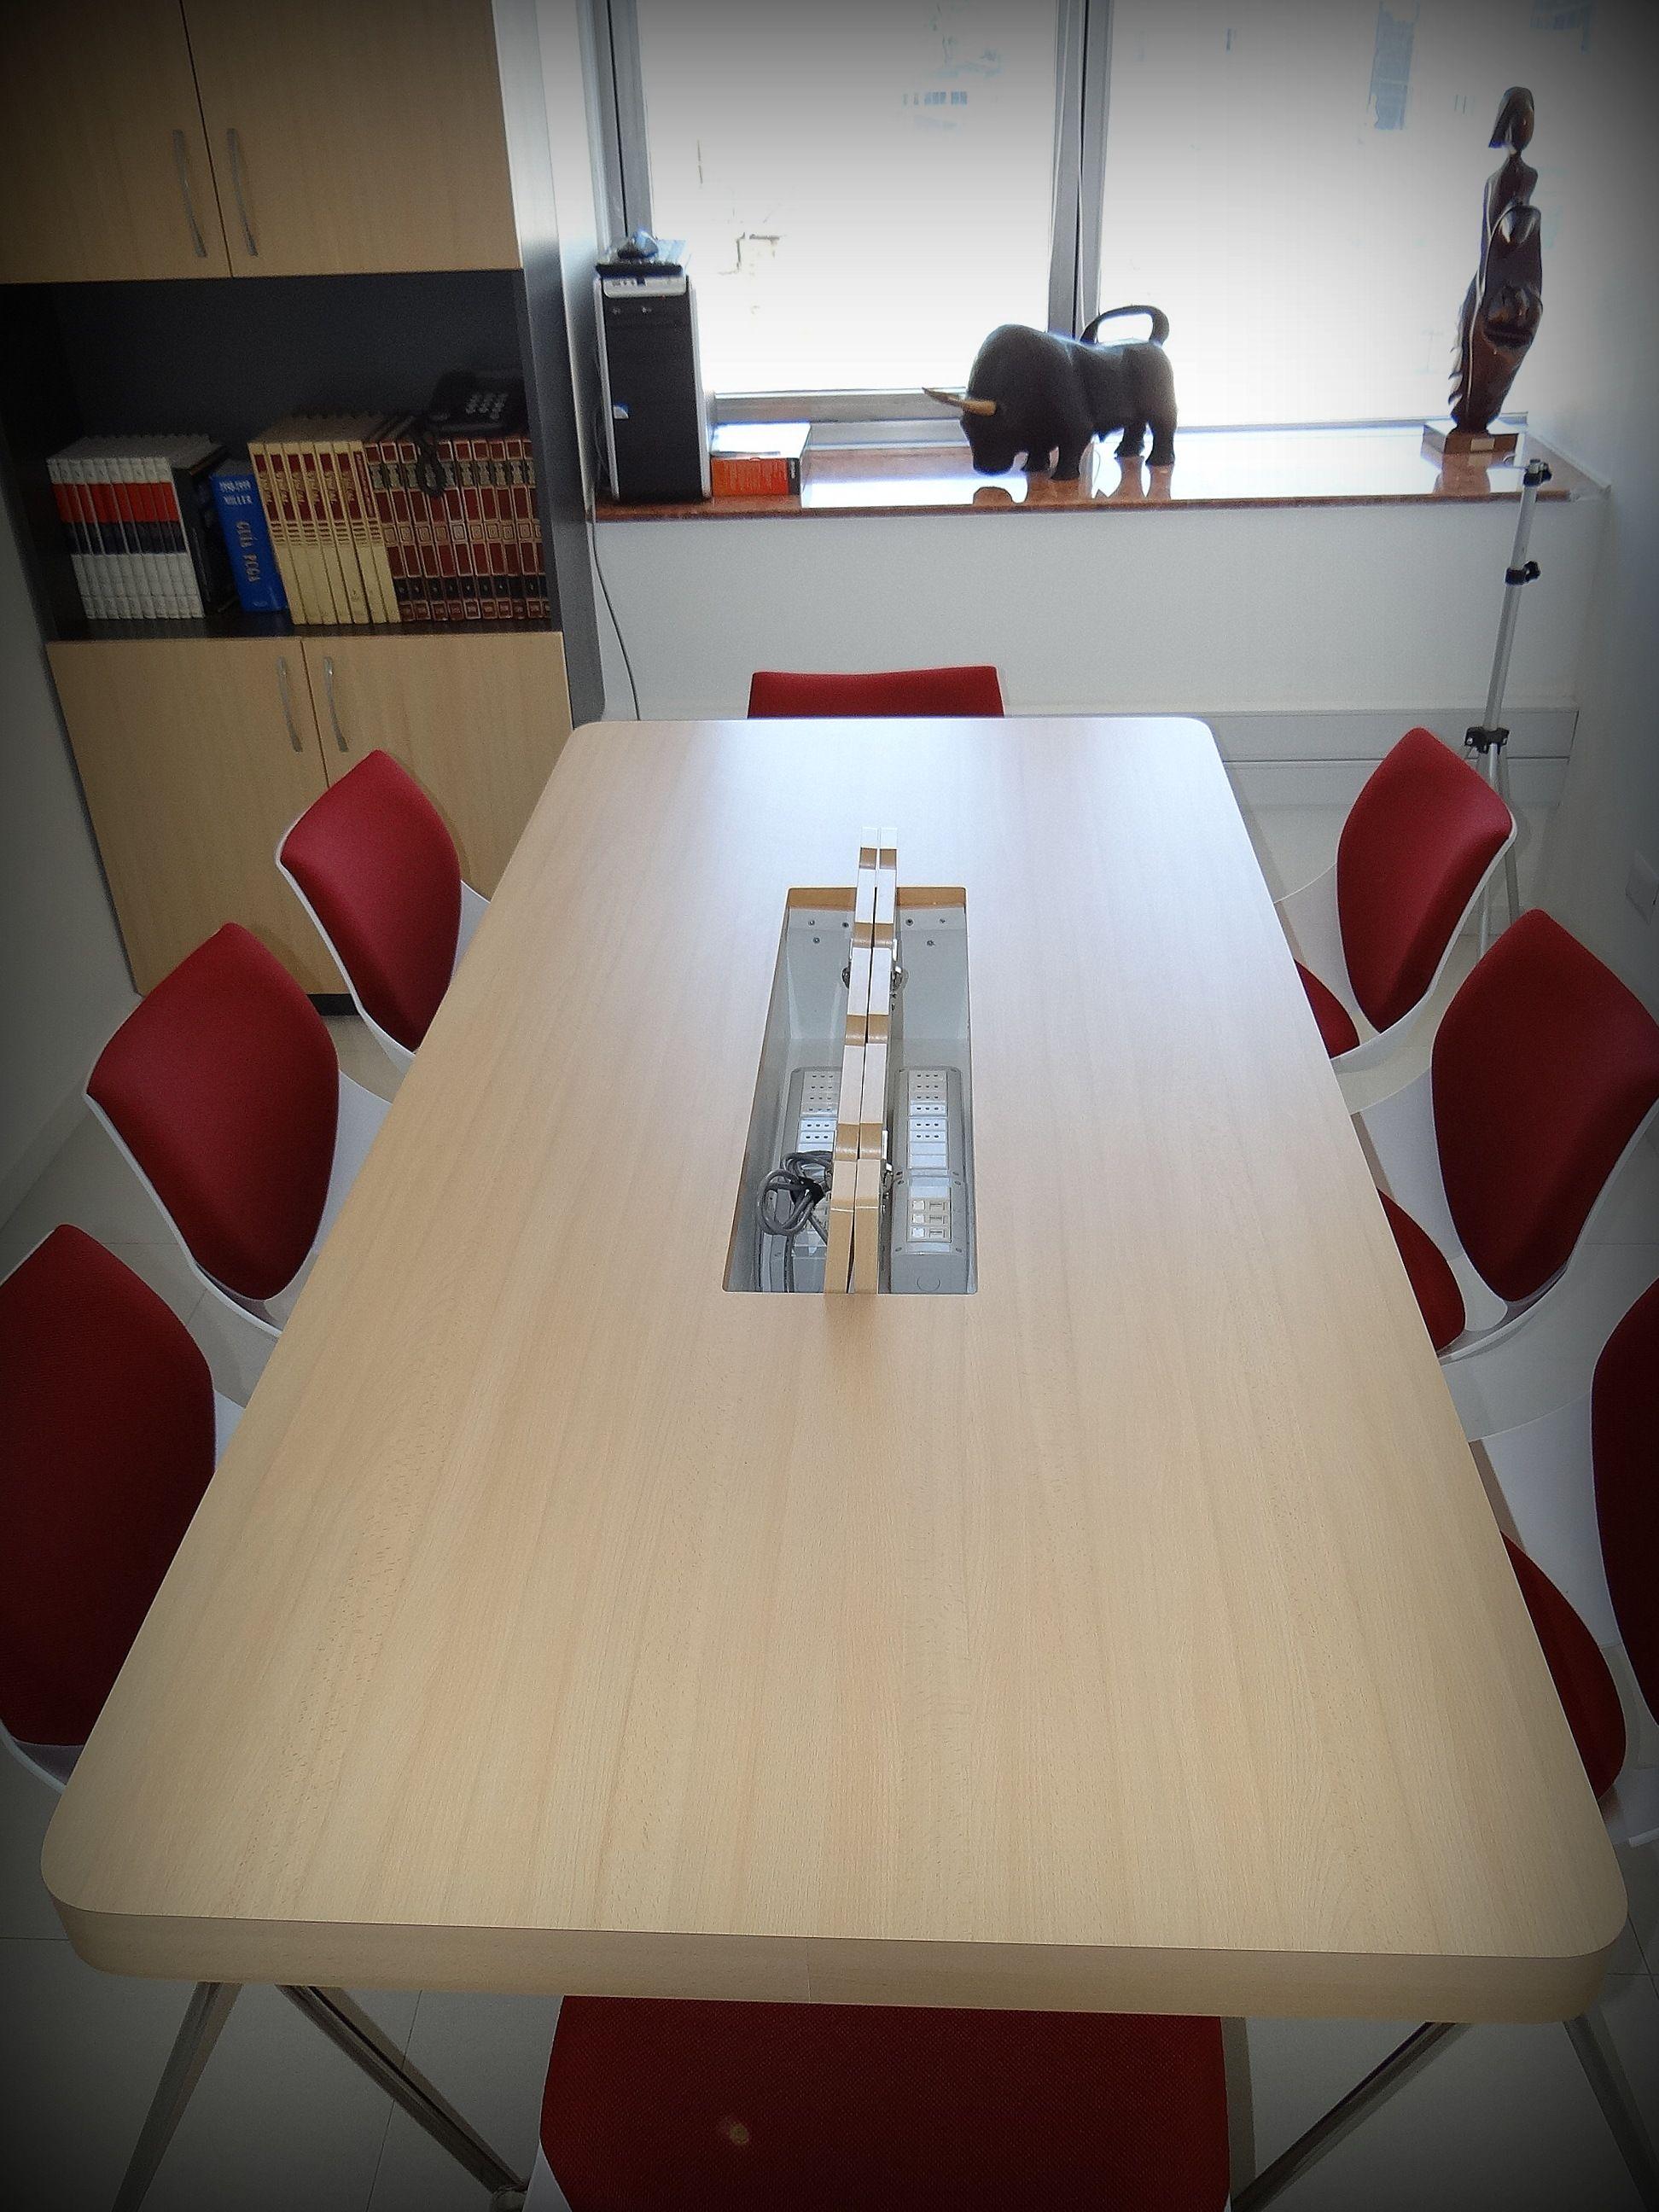 Mesa de reuniones con conexión eléctrica e Internet para varios ...